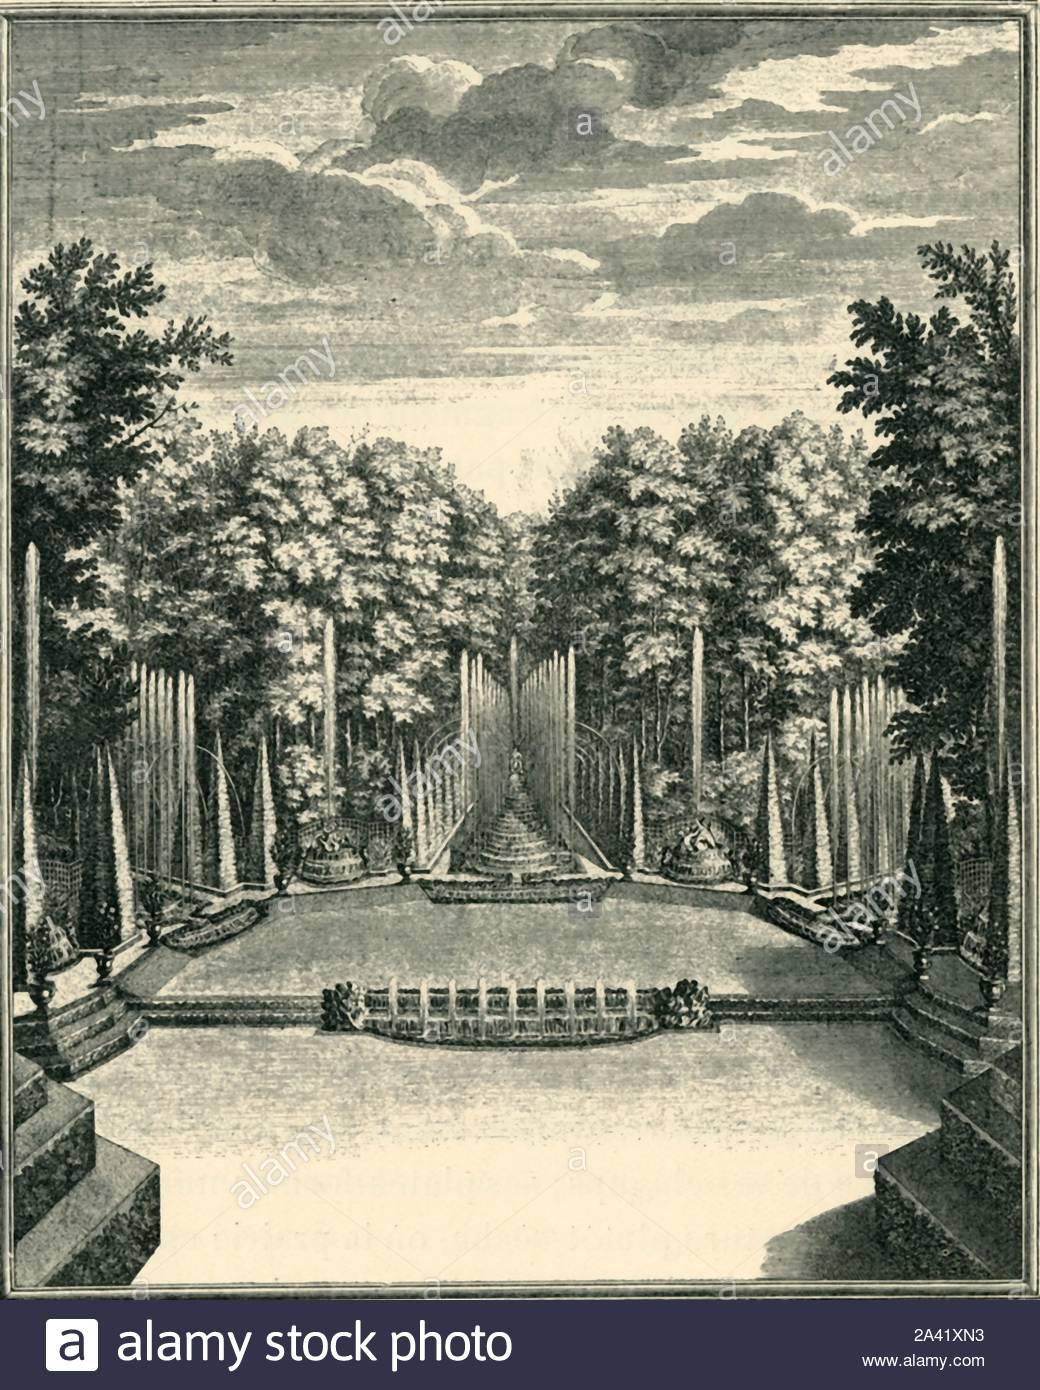 Le Jardin De Saint Adrien Nouveau theatre Revue Stock S & theatre Revue Stock Alamy